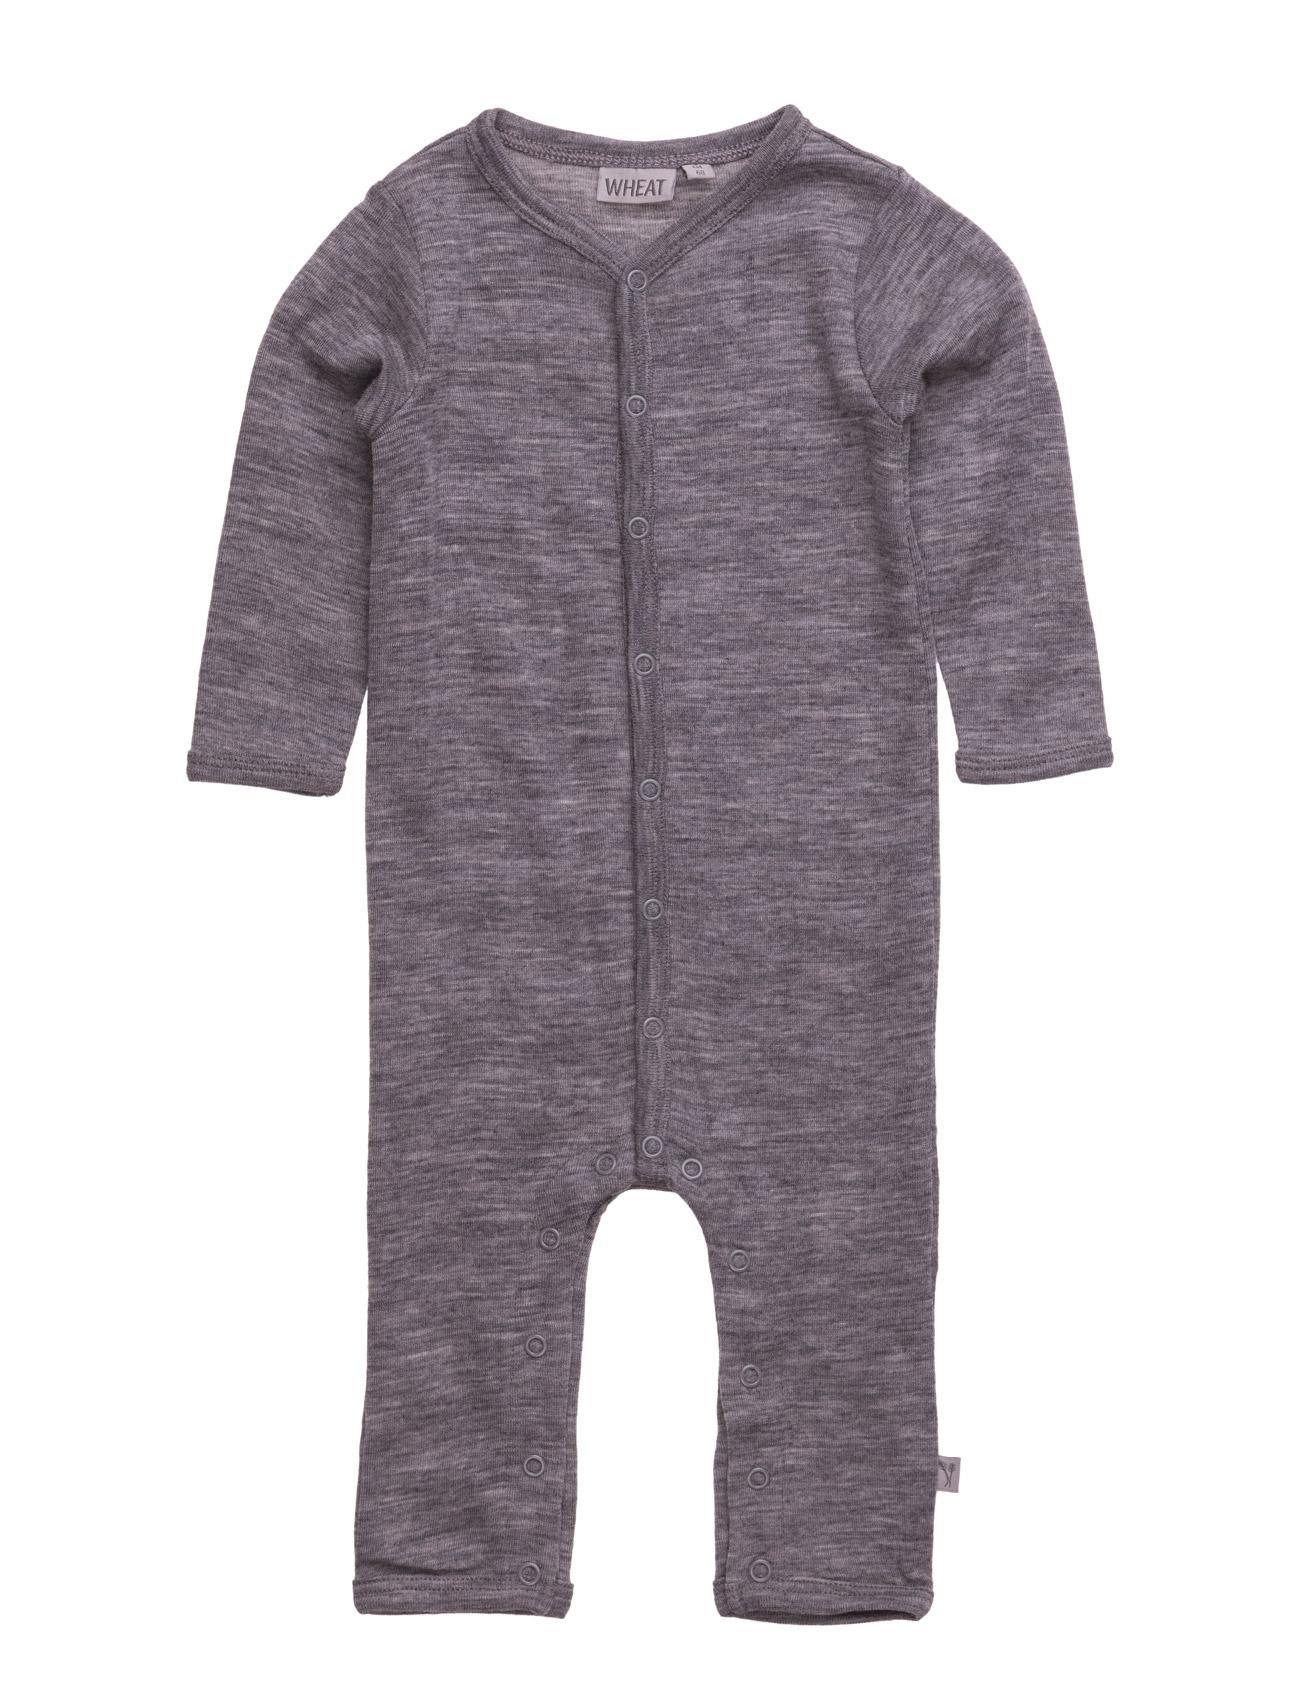 Plain Wool Jumpsuit Wheat Langærmede bodies til Børn i Navy blå